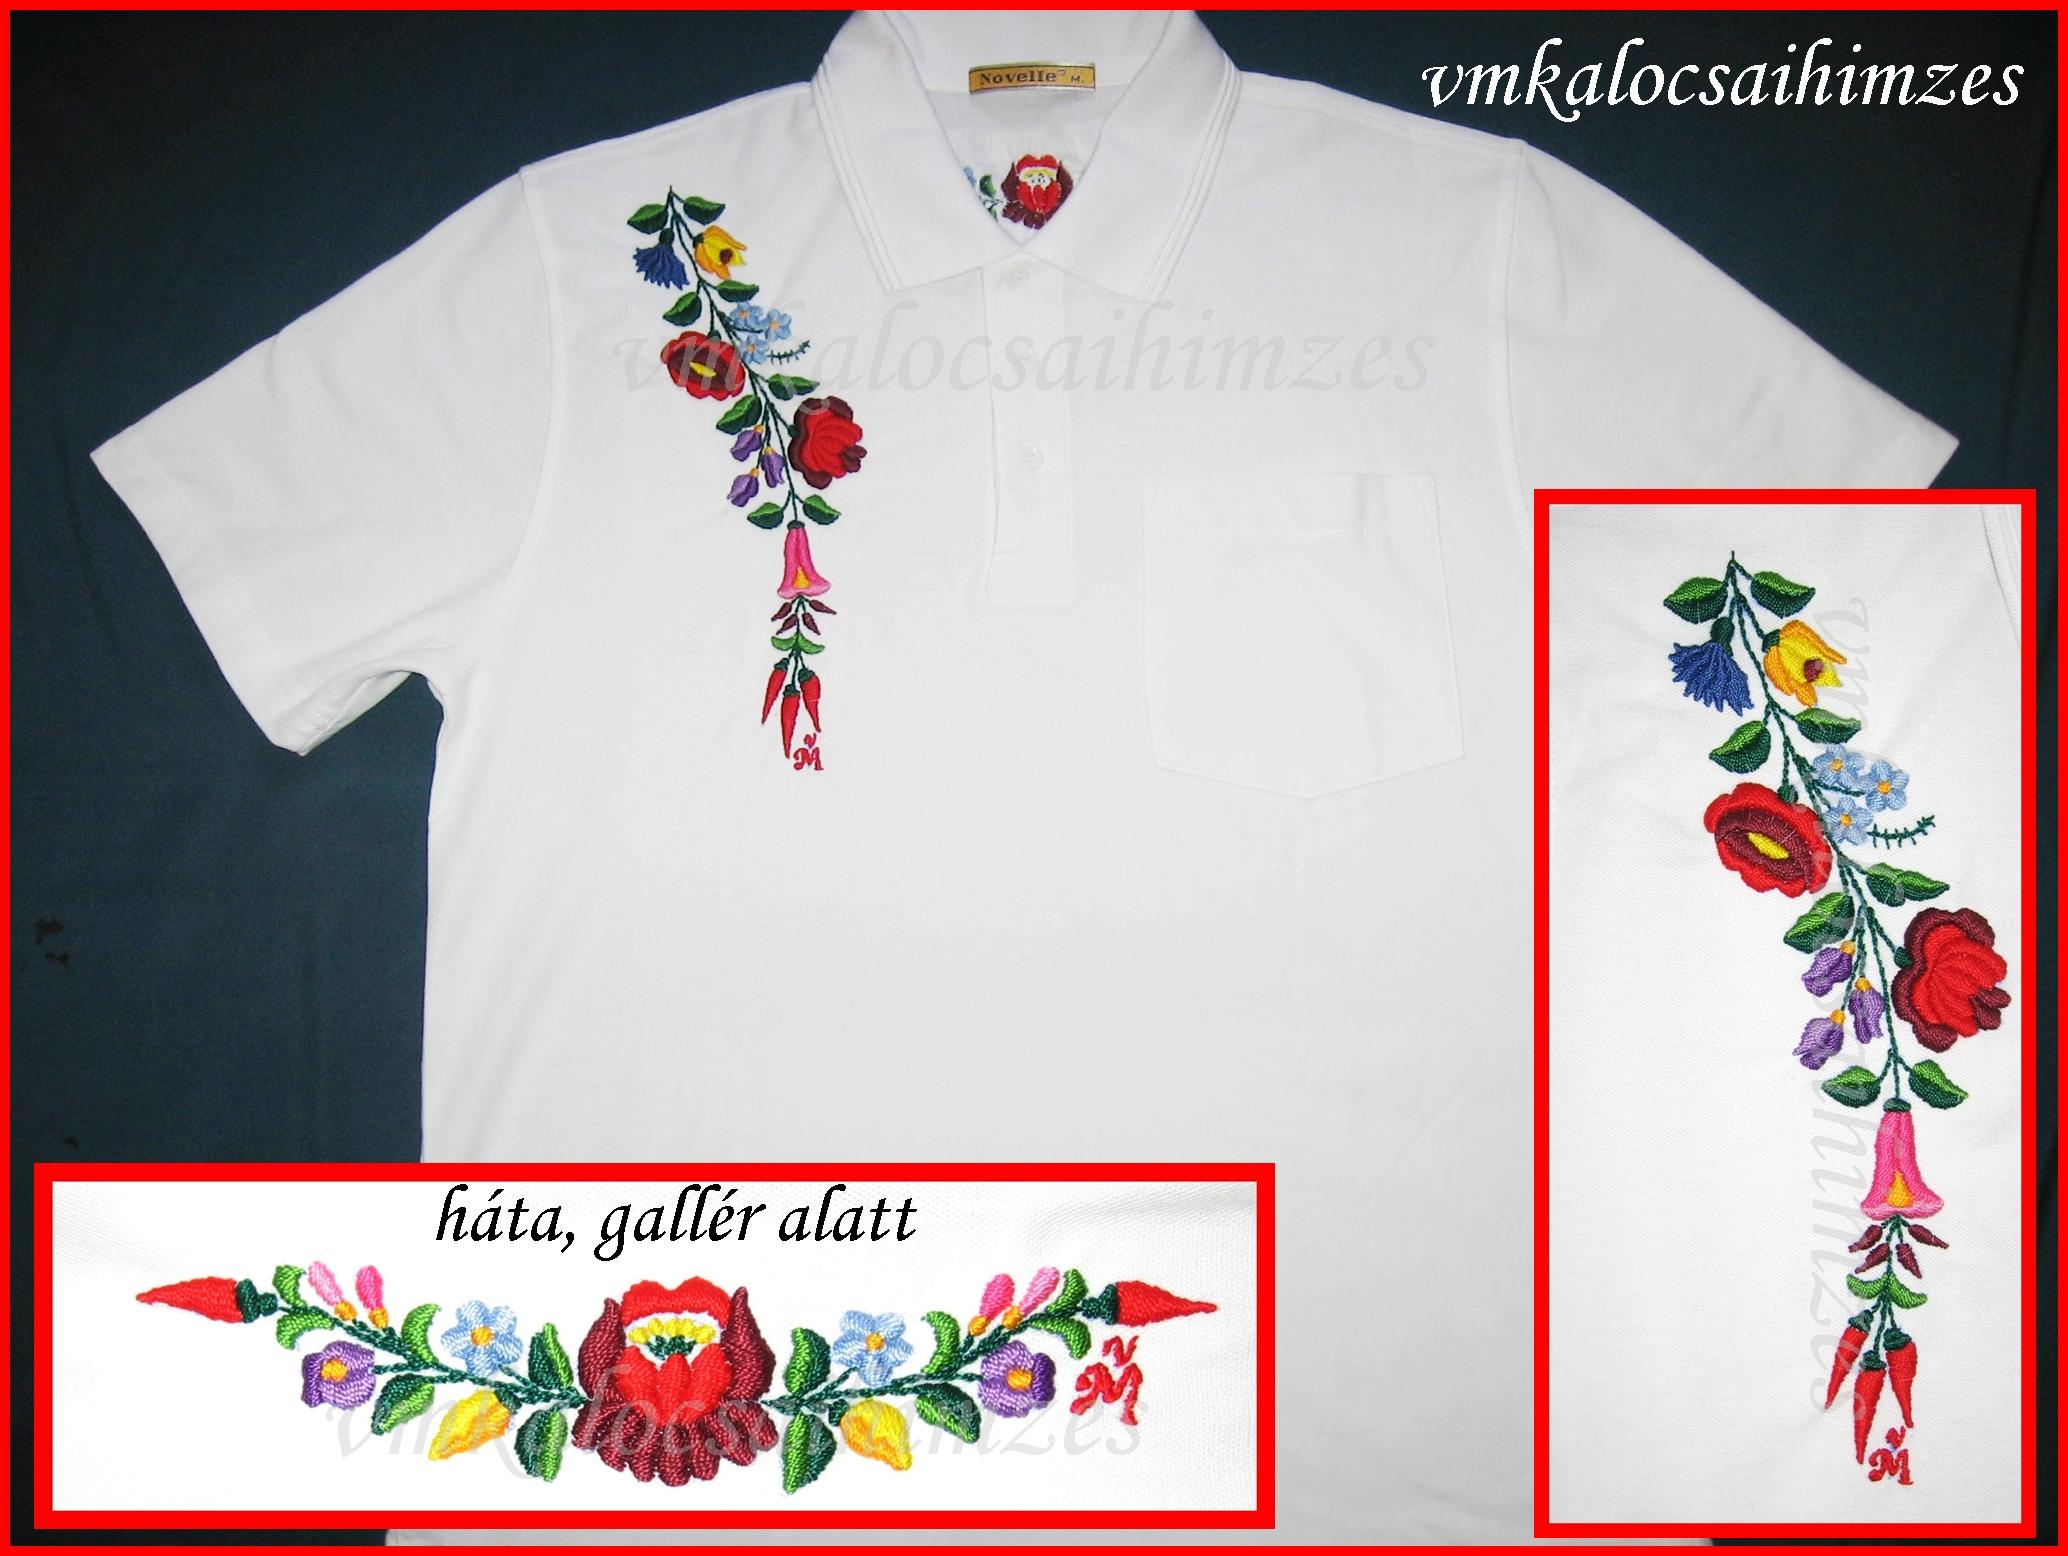 d1a8d54765 Pólók | VM kalocsai hímzés